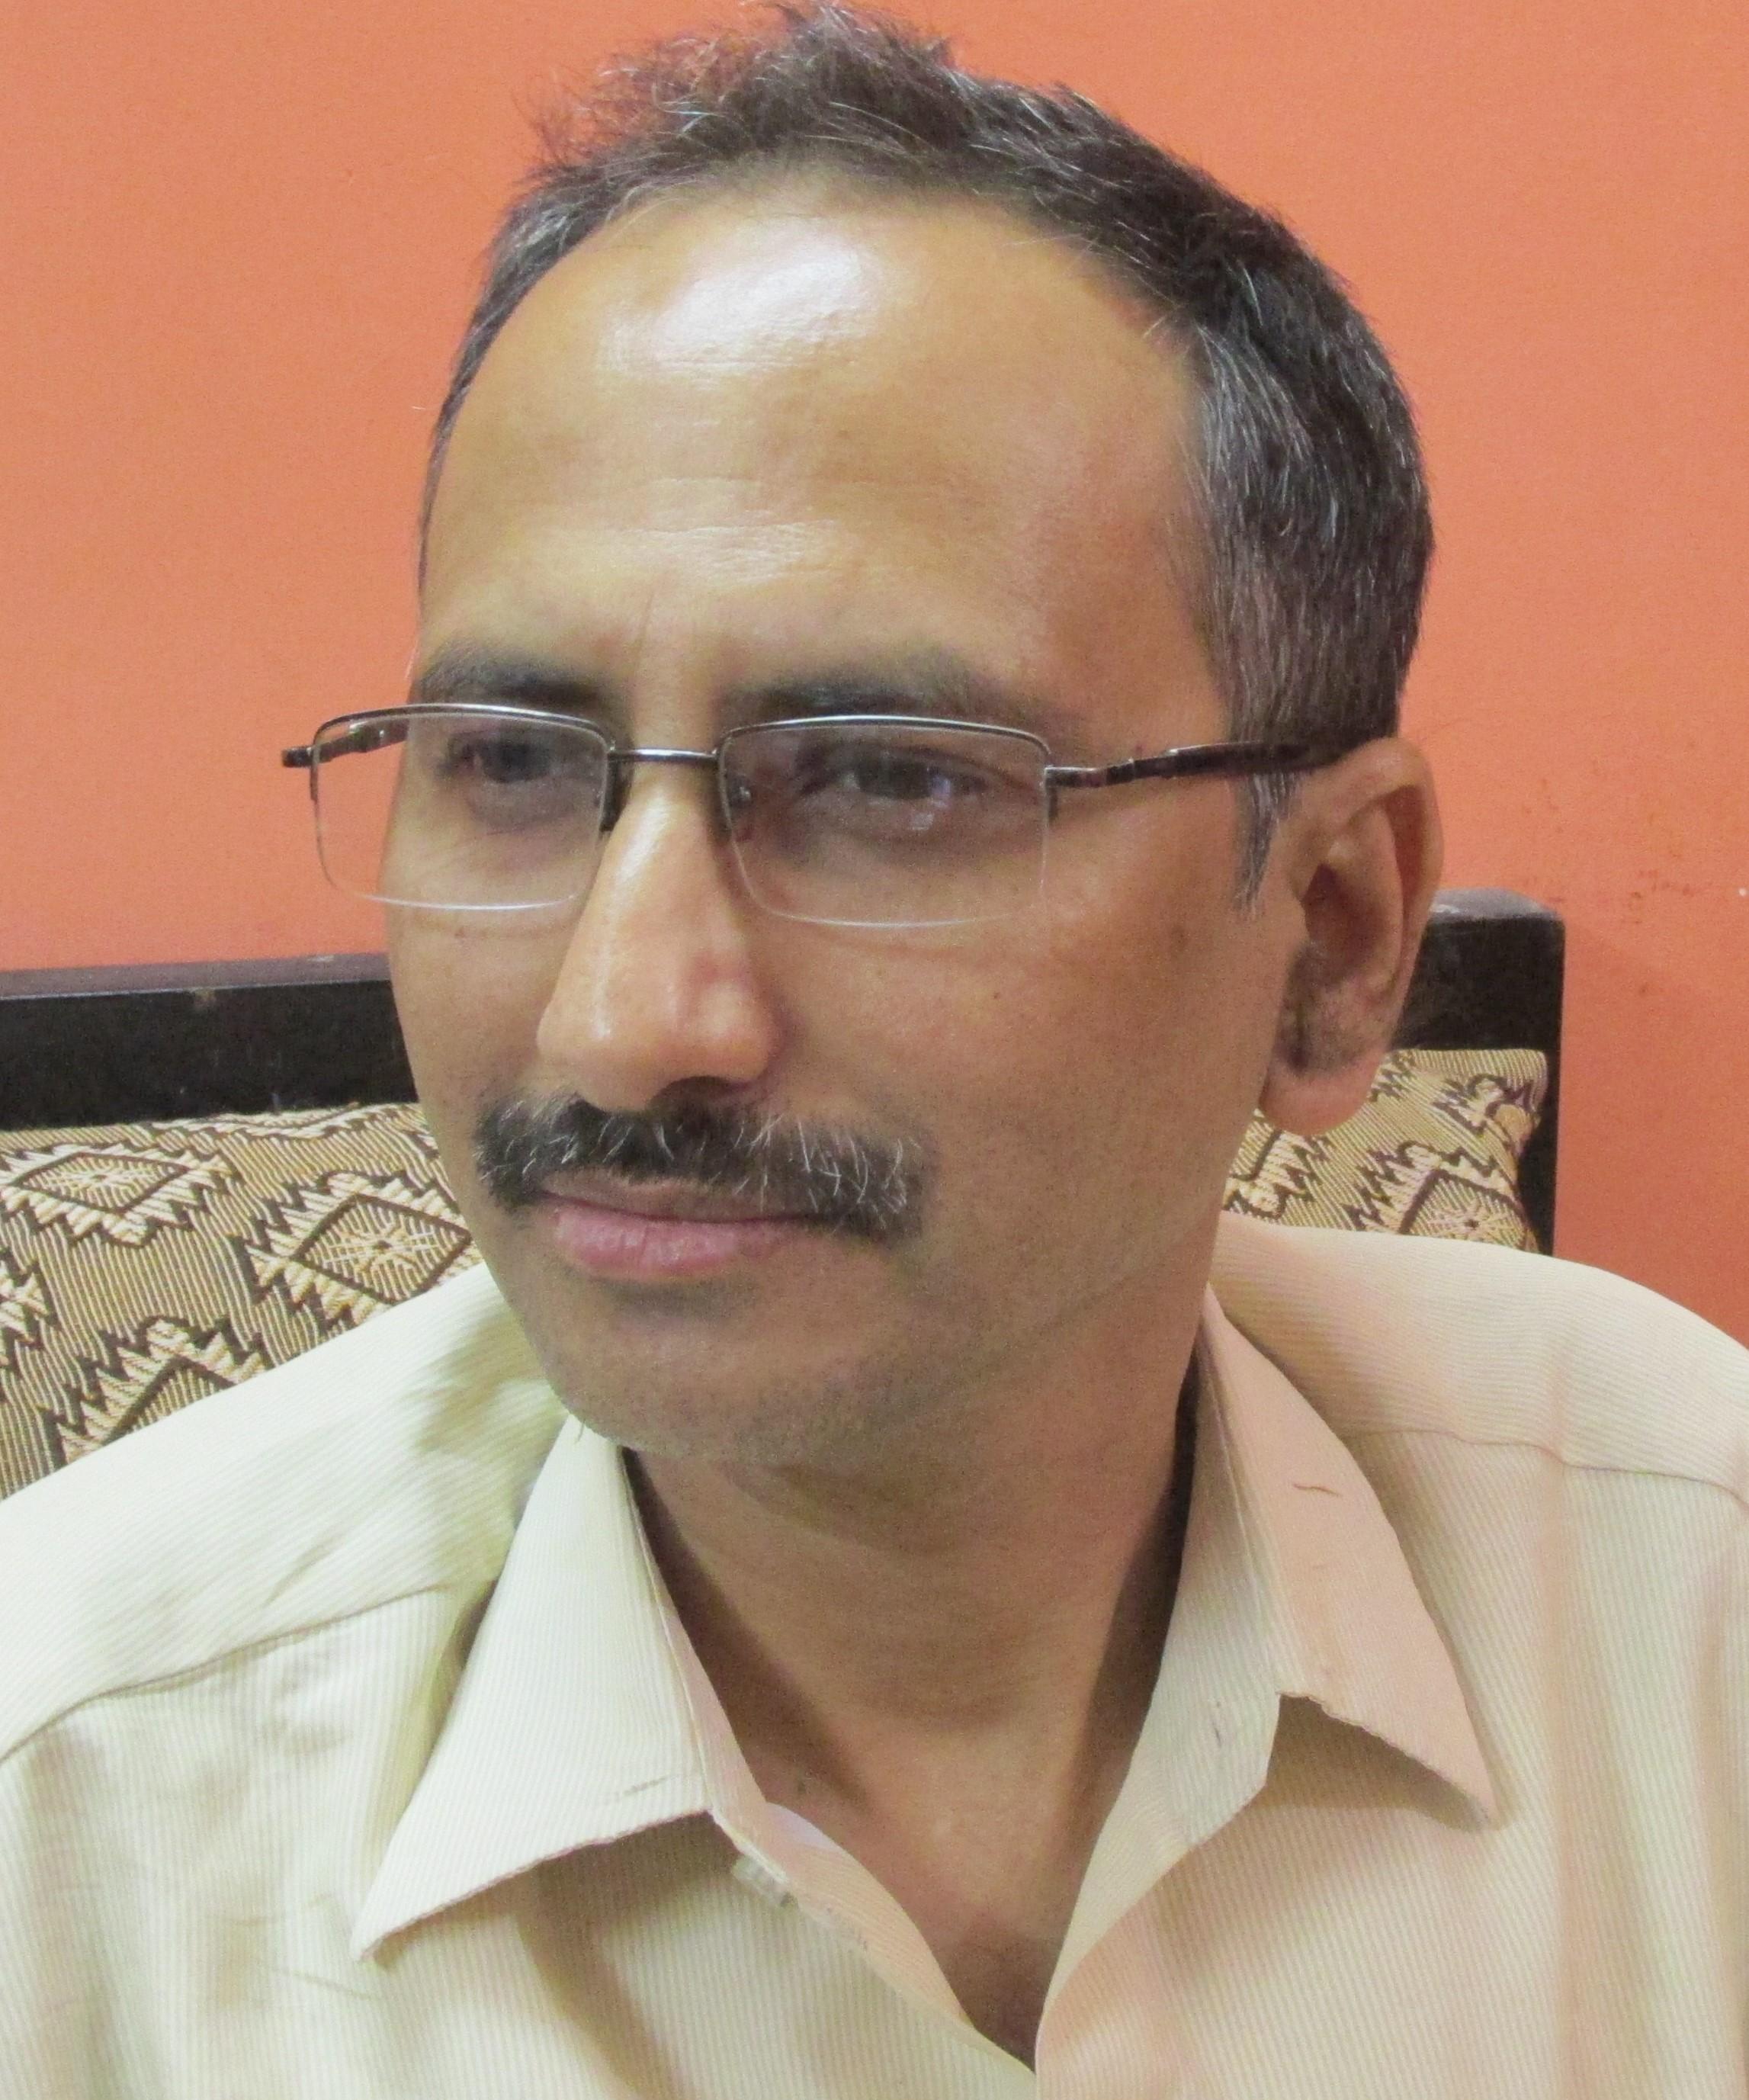 Subhendra Bhowmick